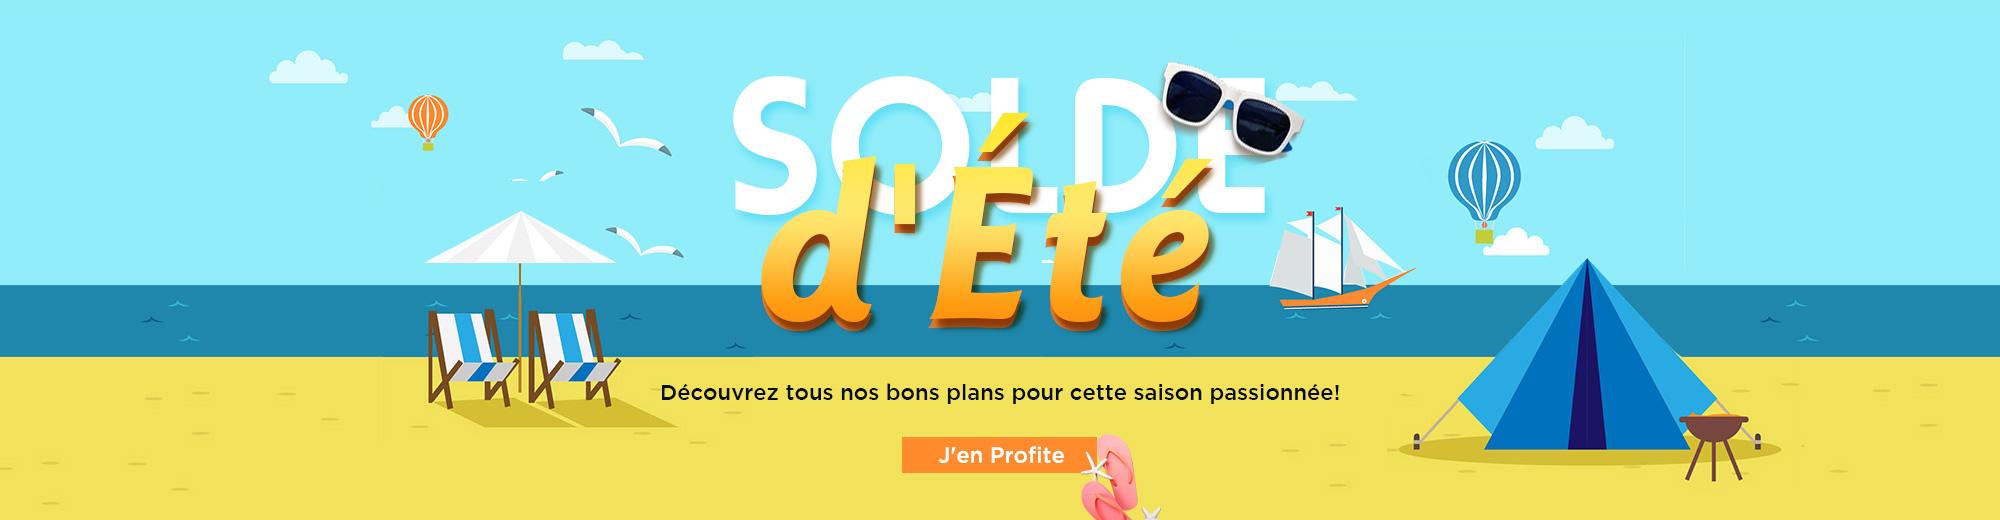 2019 Solde d'Été